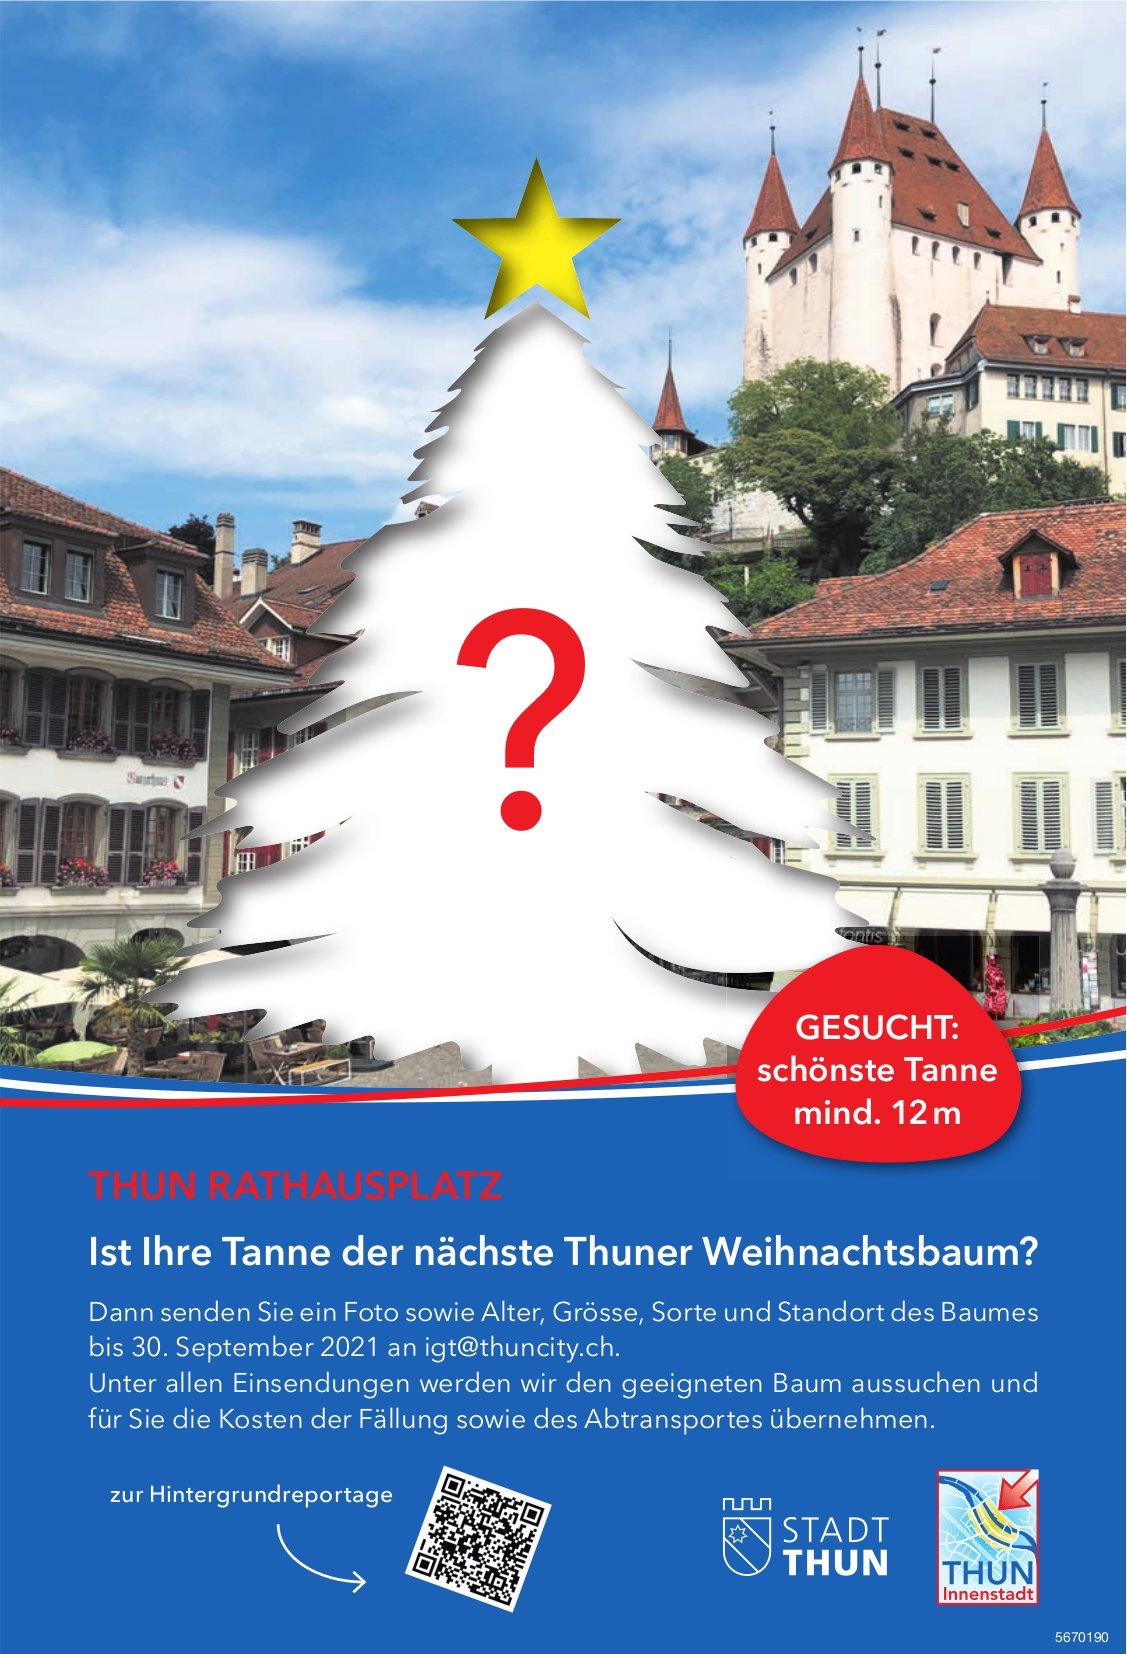 Stadt Thun - Ist Ihre Tanne der nächste Thuner Weihnachtsbaum? bis 30. September